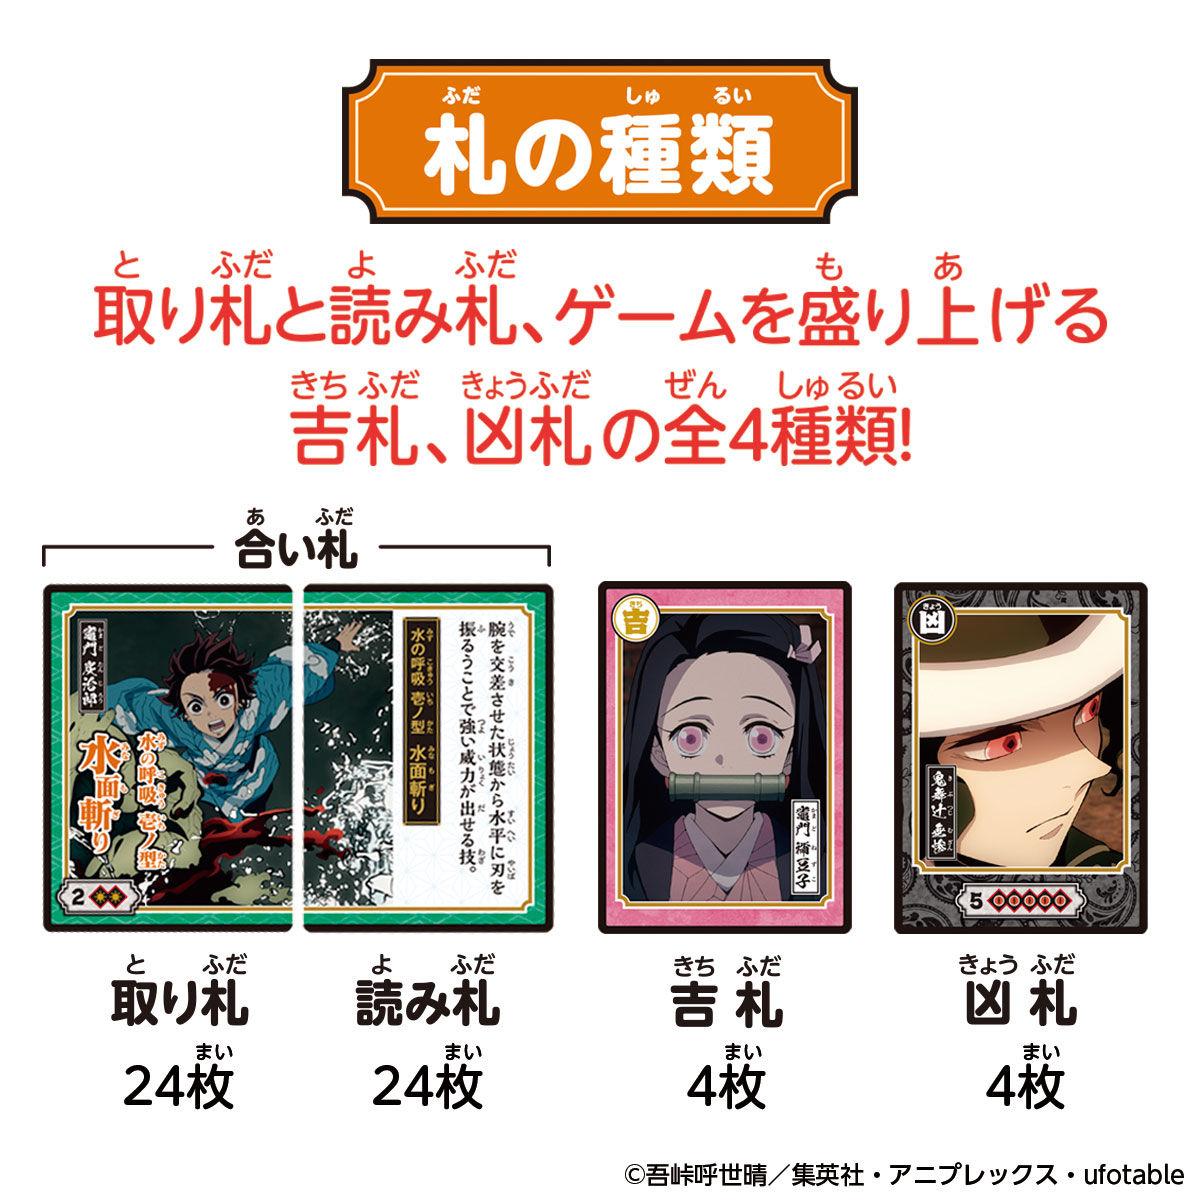 鬼滅の刃『鬼滅の刃 全集中札取りカードゲーム』テーブルゲーム-003